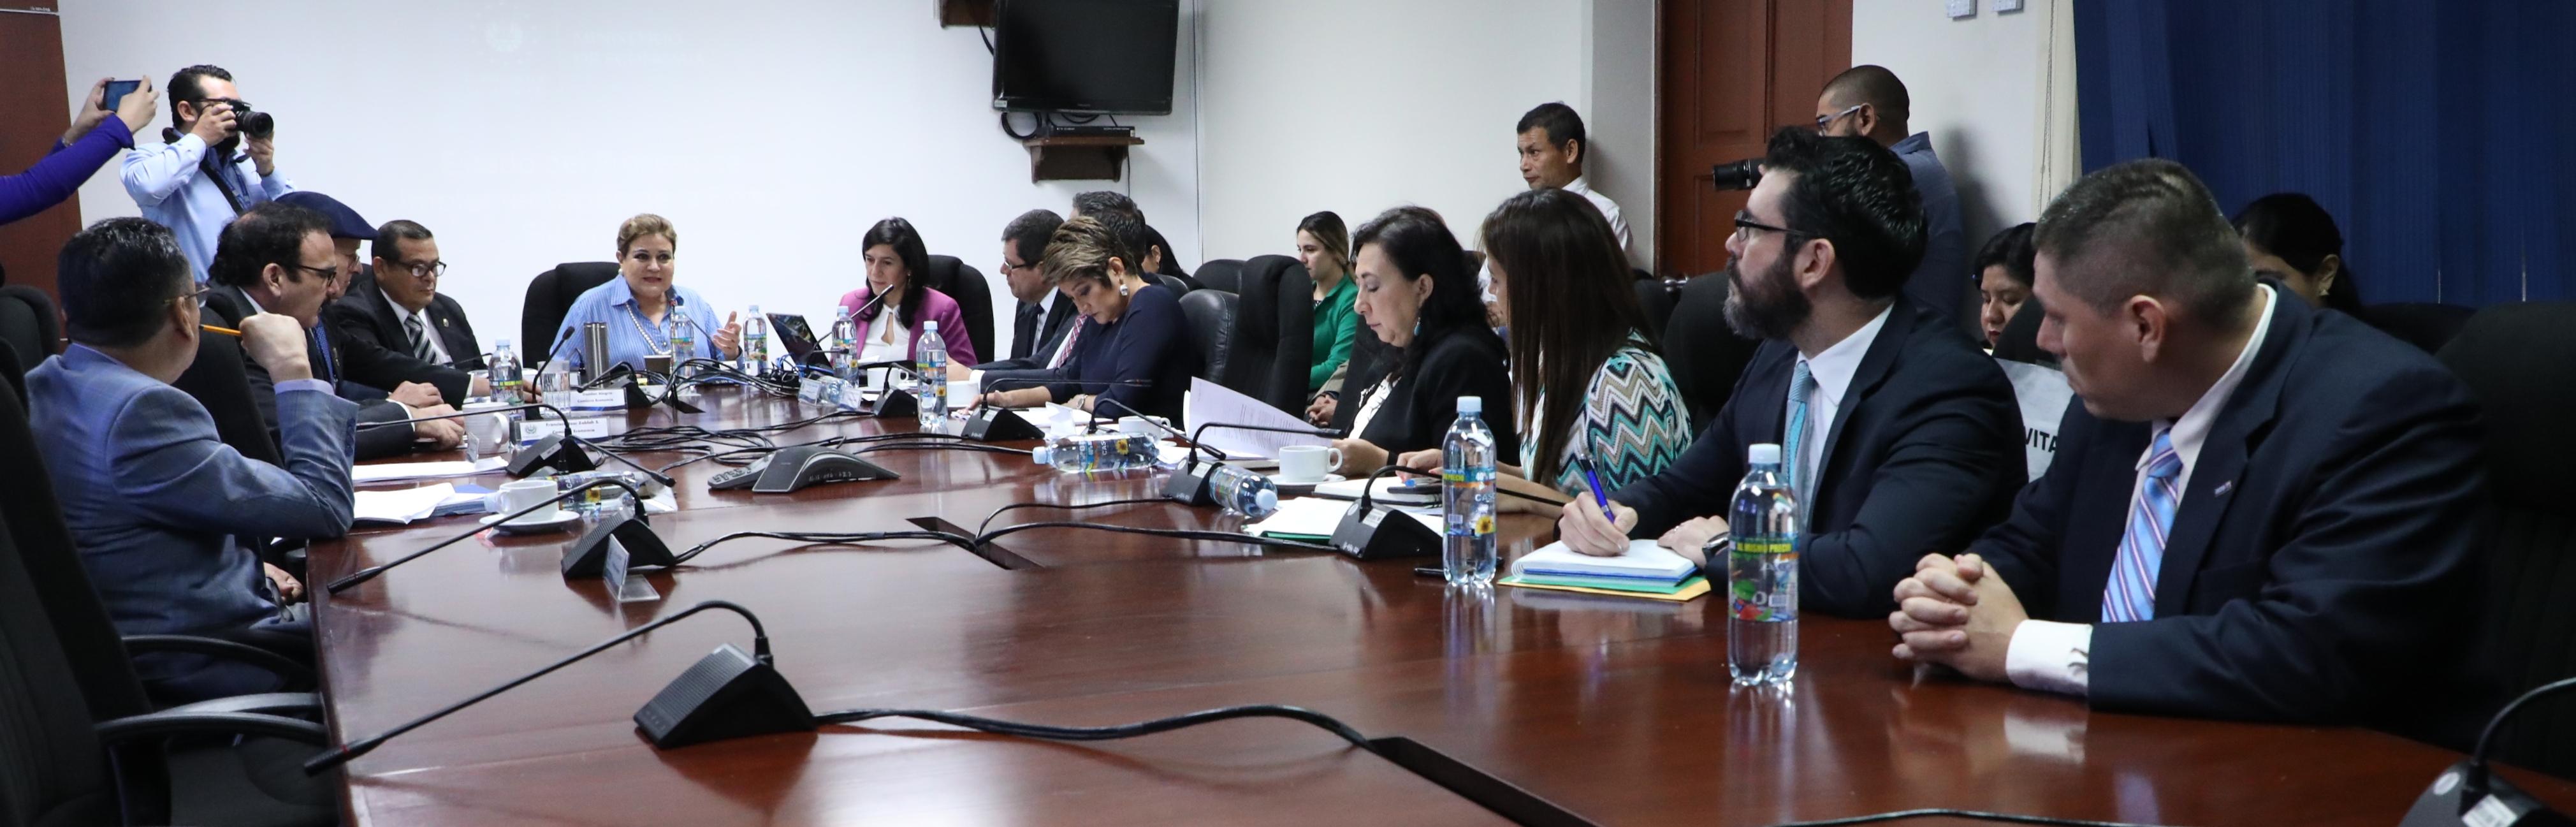 Acuerdan trabajo interinstitucional para desarrollar una agenda tecnológica en el país